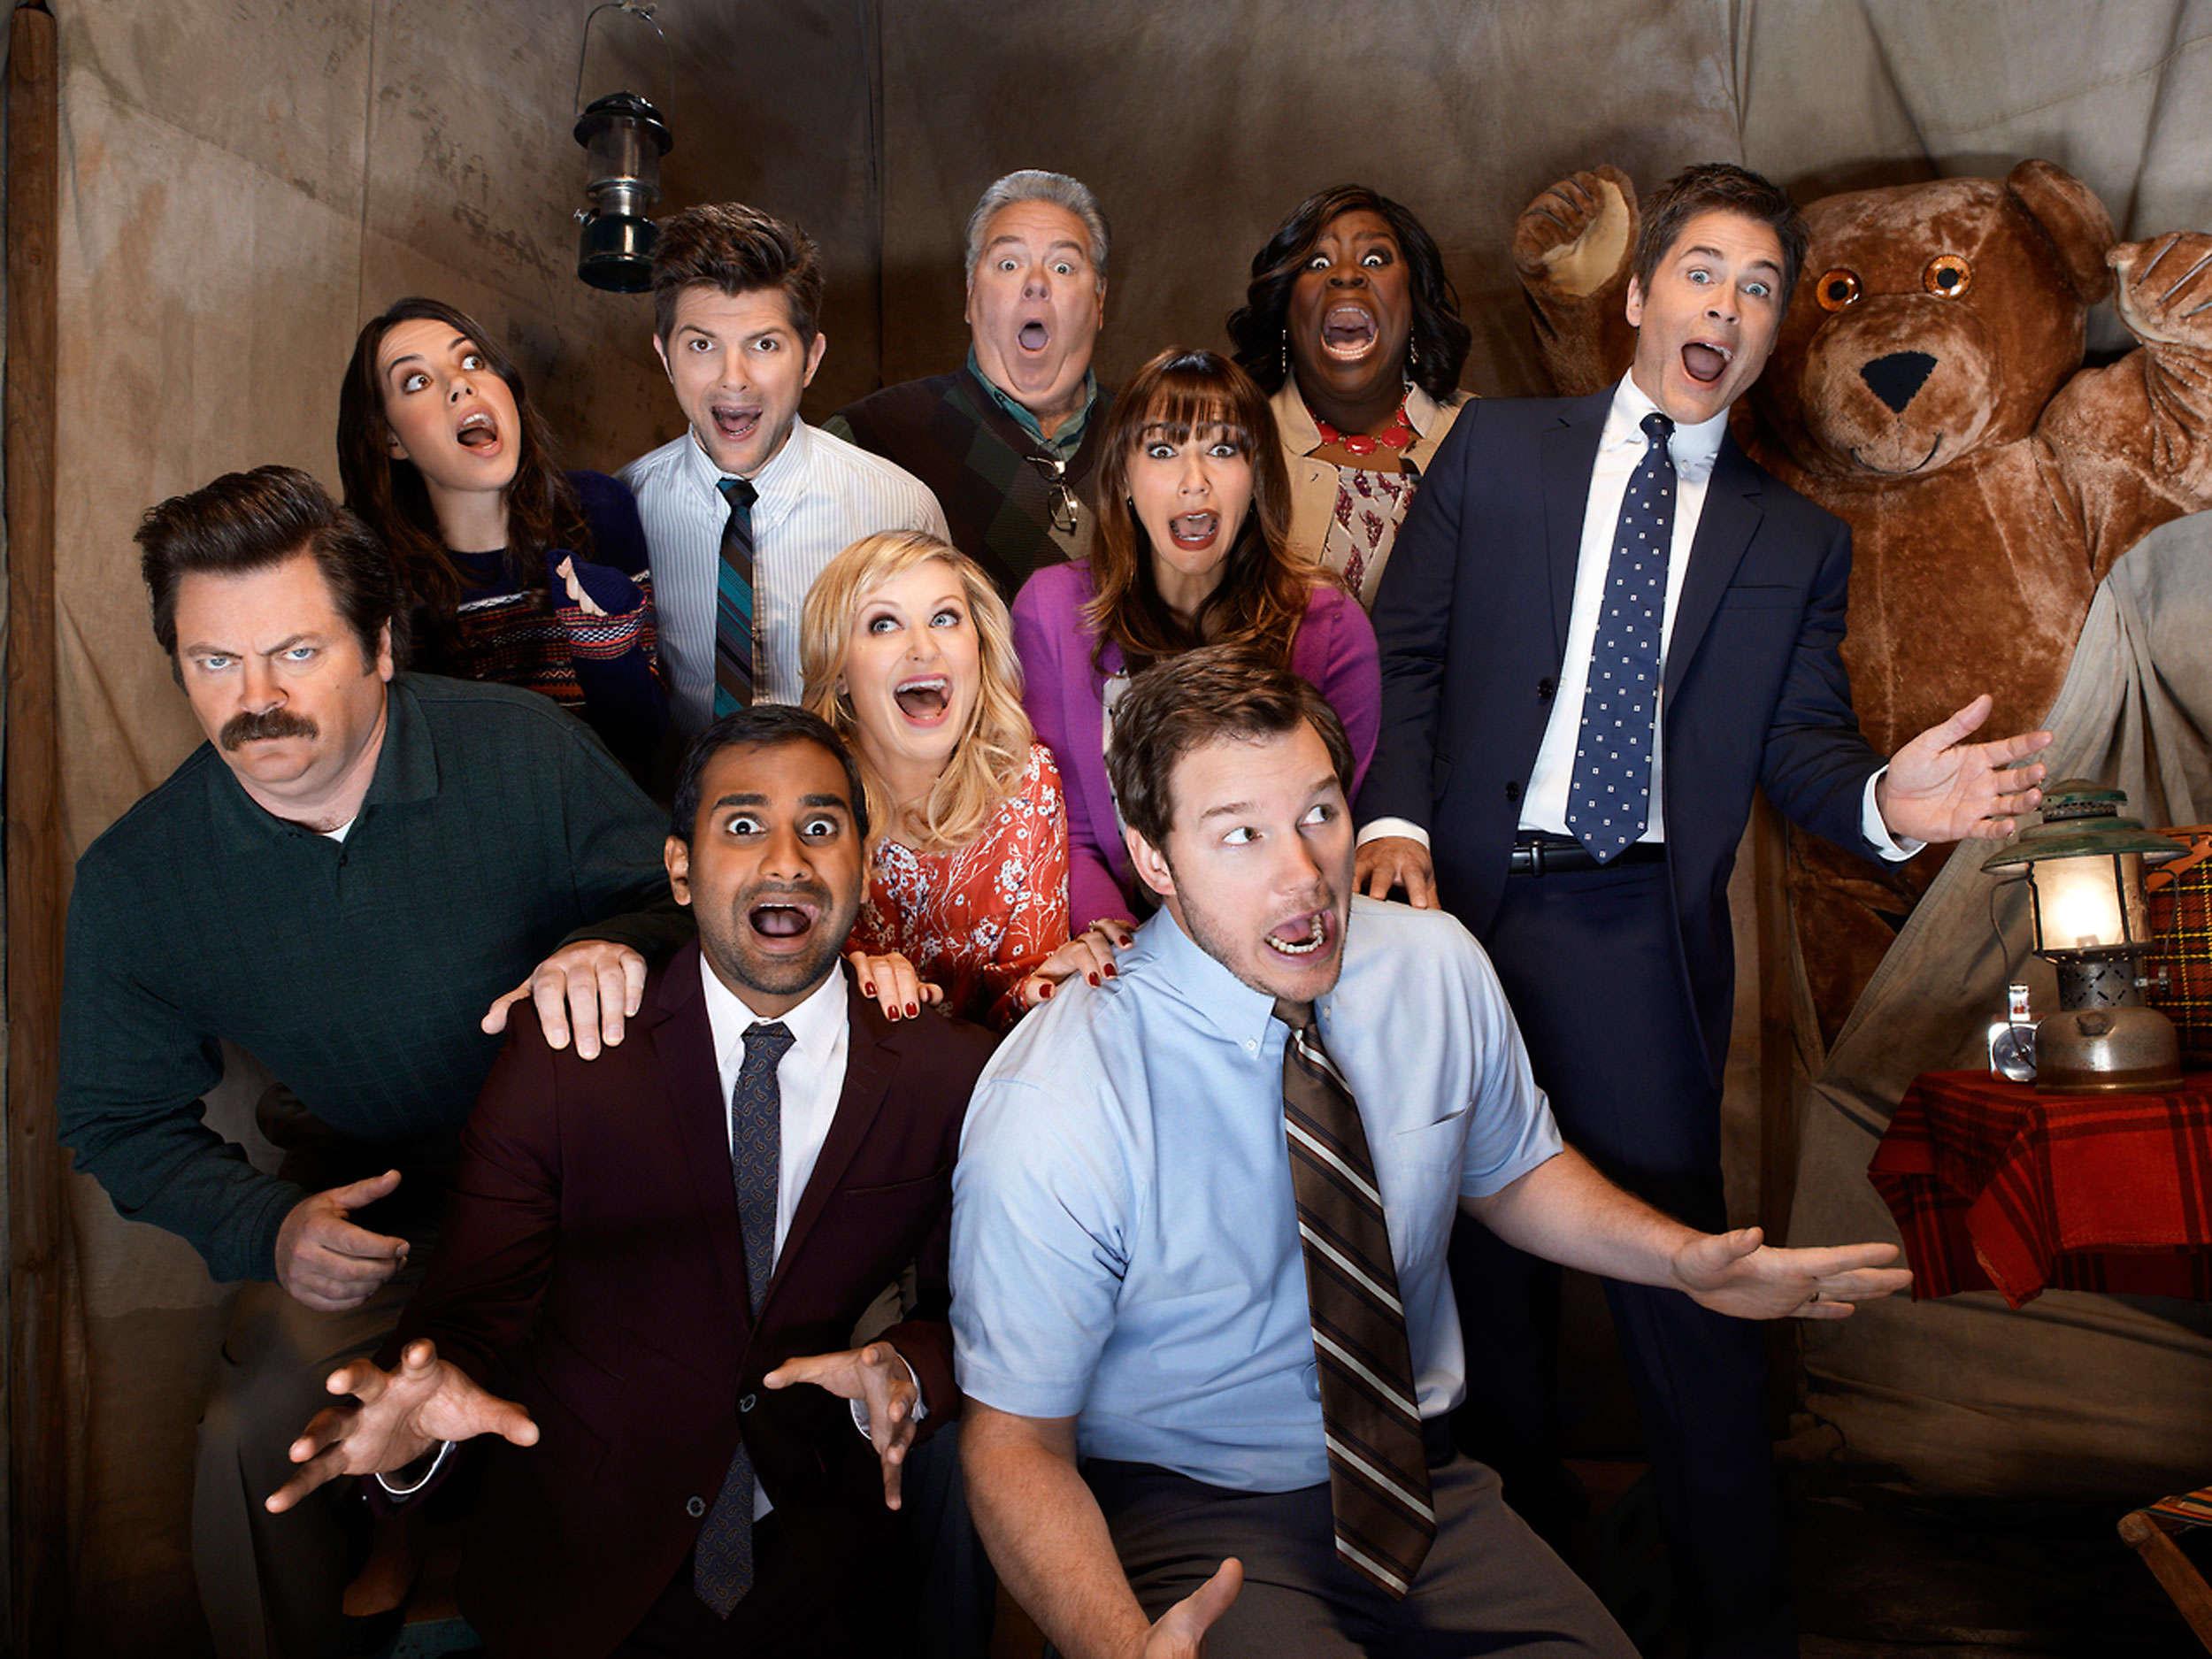 Parks and Rec Cast Reunite For New Photo